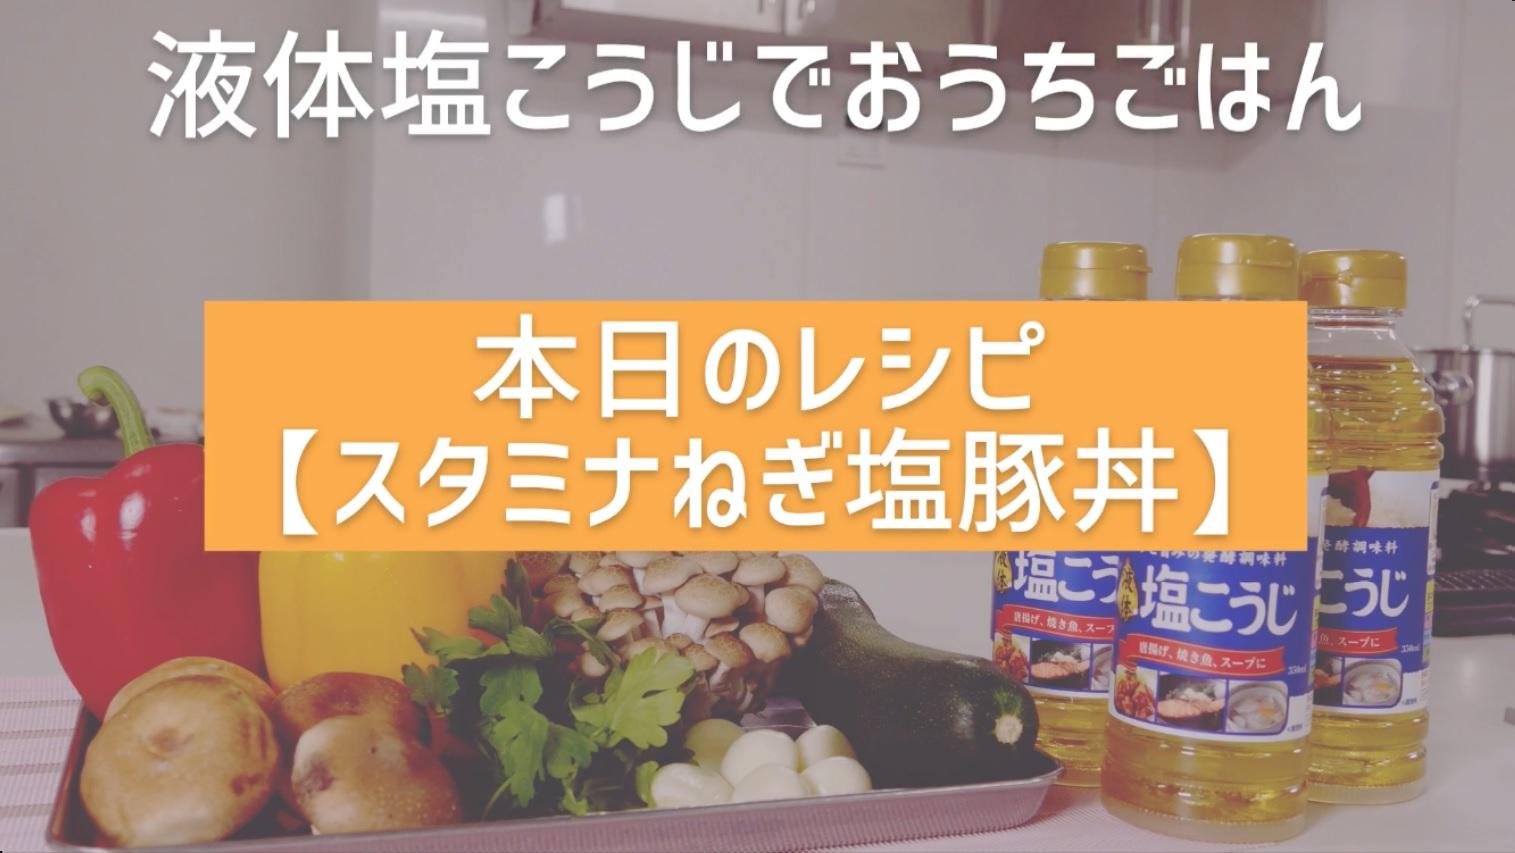 【ハナマルキ公式Youtube】液体塩こうじでおうちごはん#6 スタミナねぎ塩豚丼